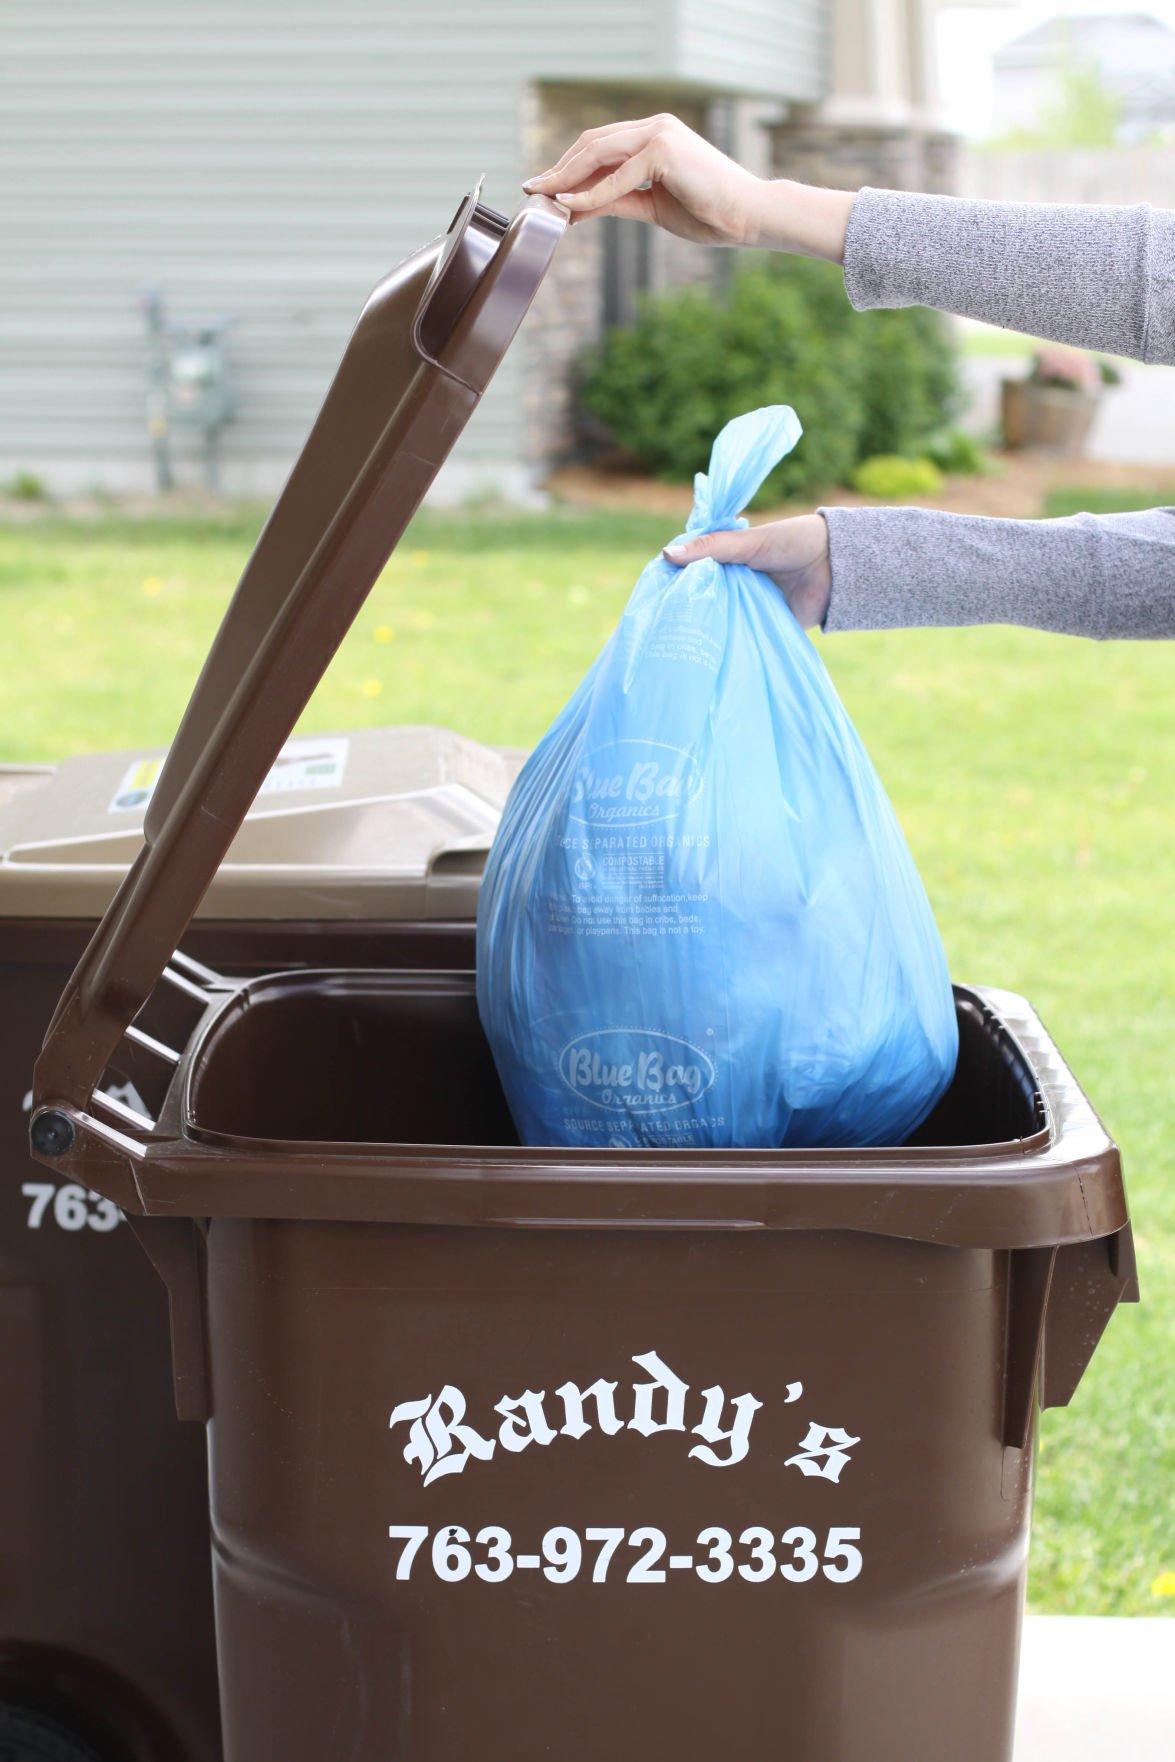 Randy's Environmental Services 1